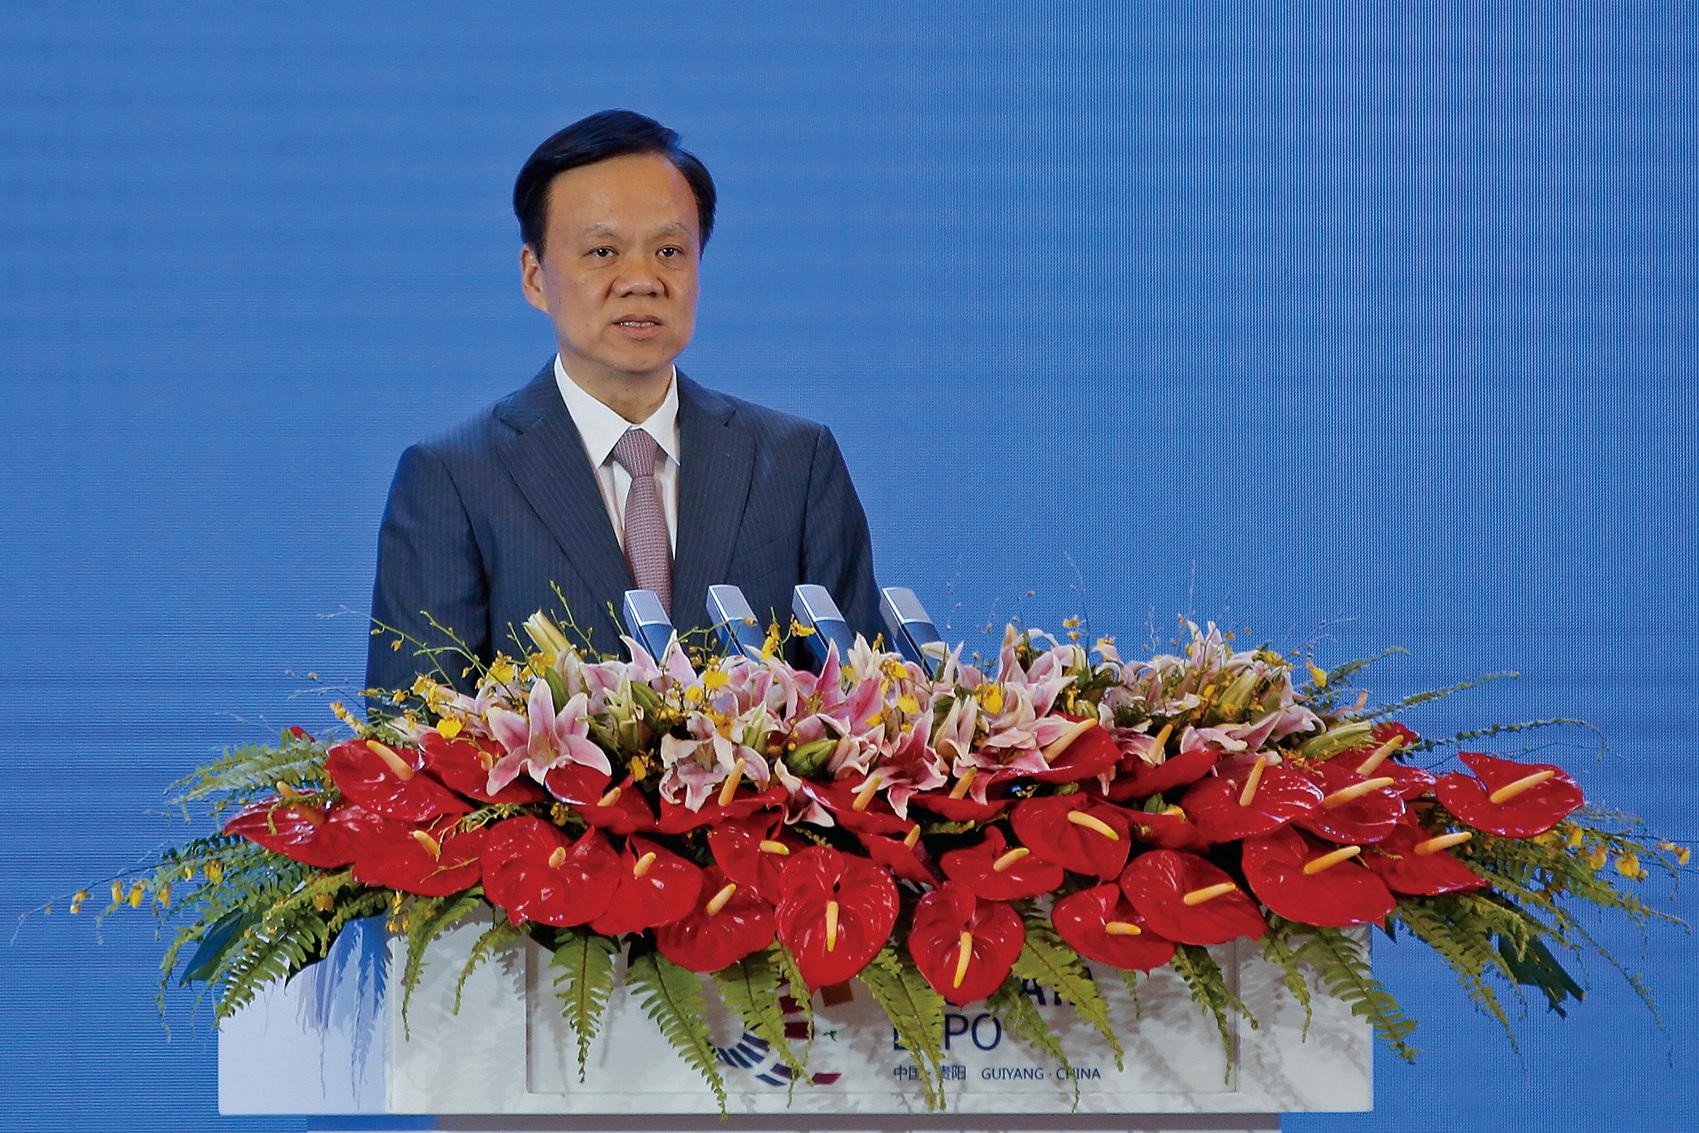 新任重慶市委書記 陳敏爾